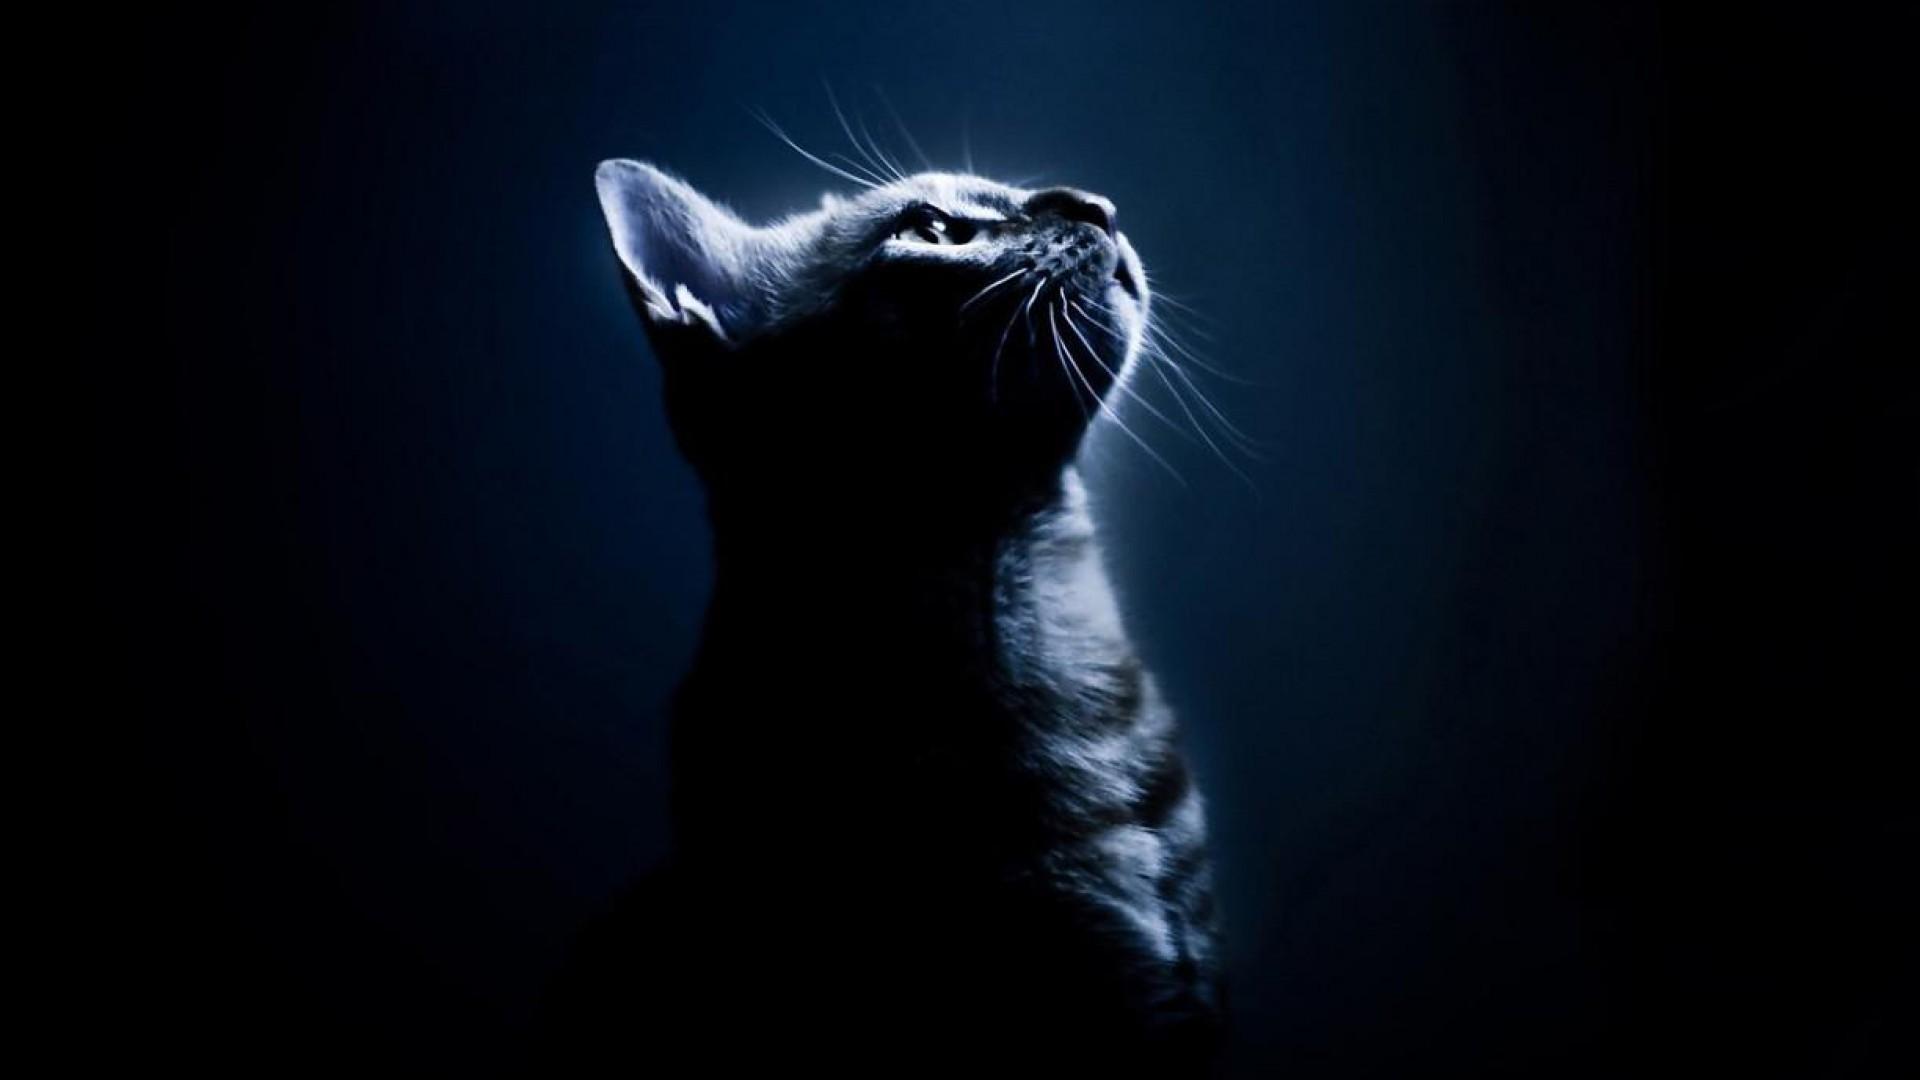 Cute Wallpapers Of Grumpy Cat Cat Desktop Background 77 Pictures